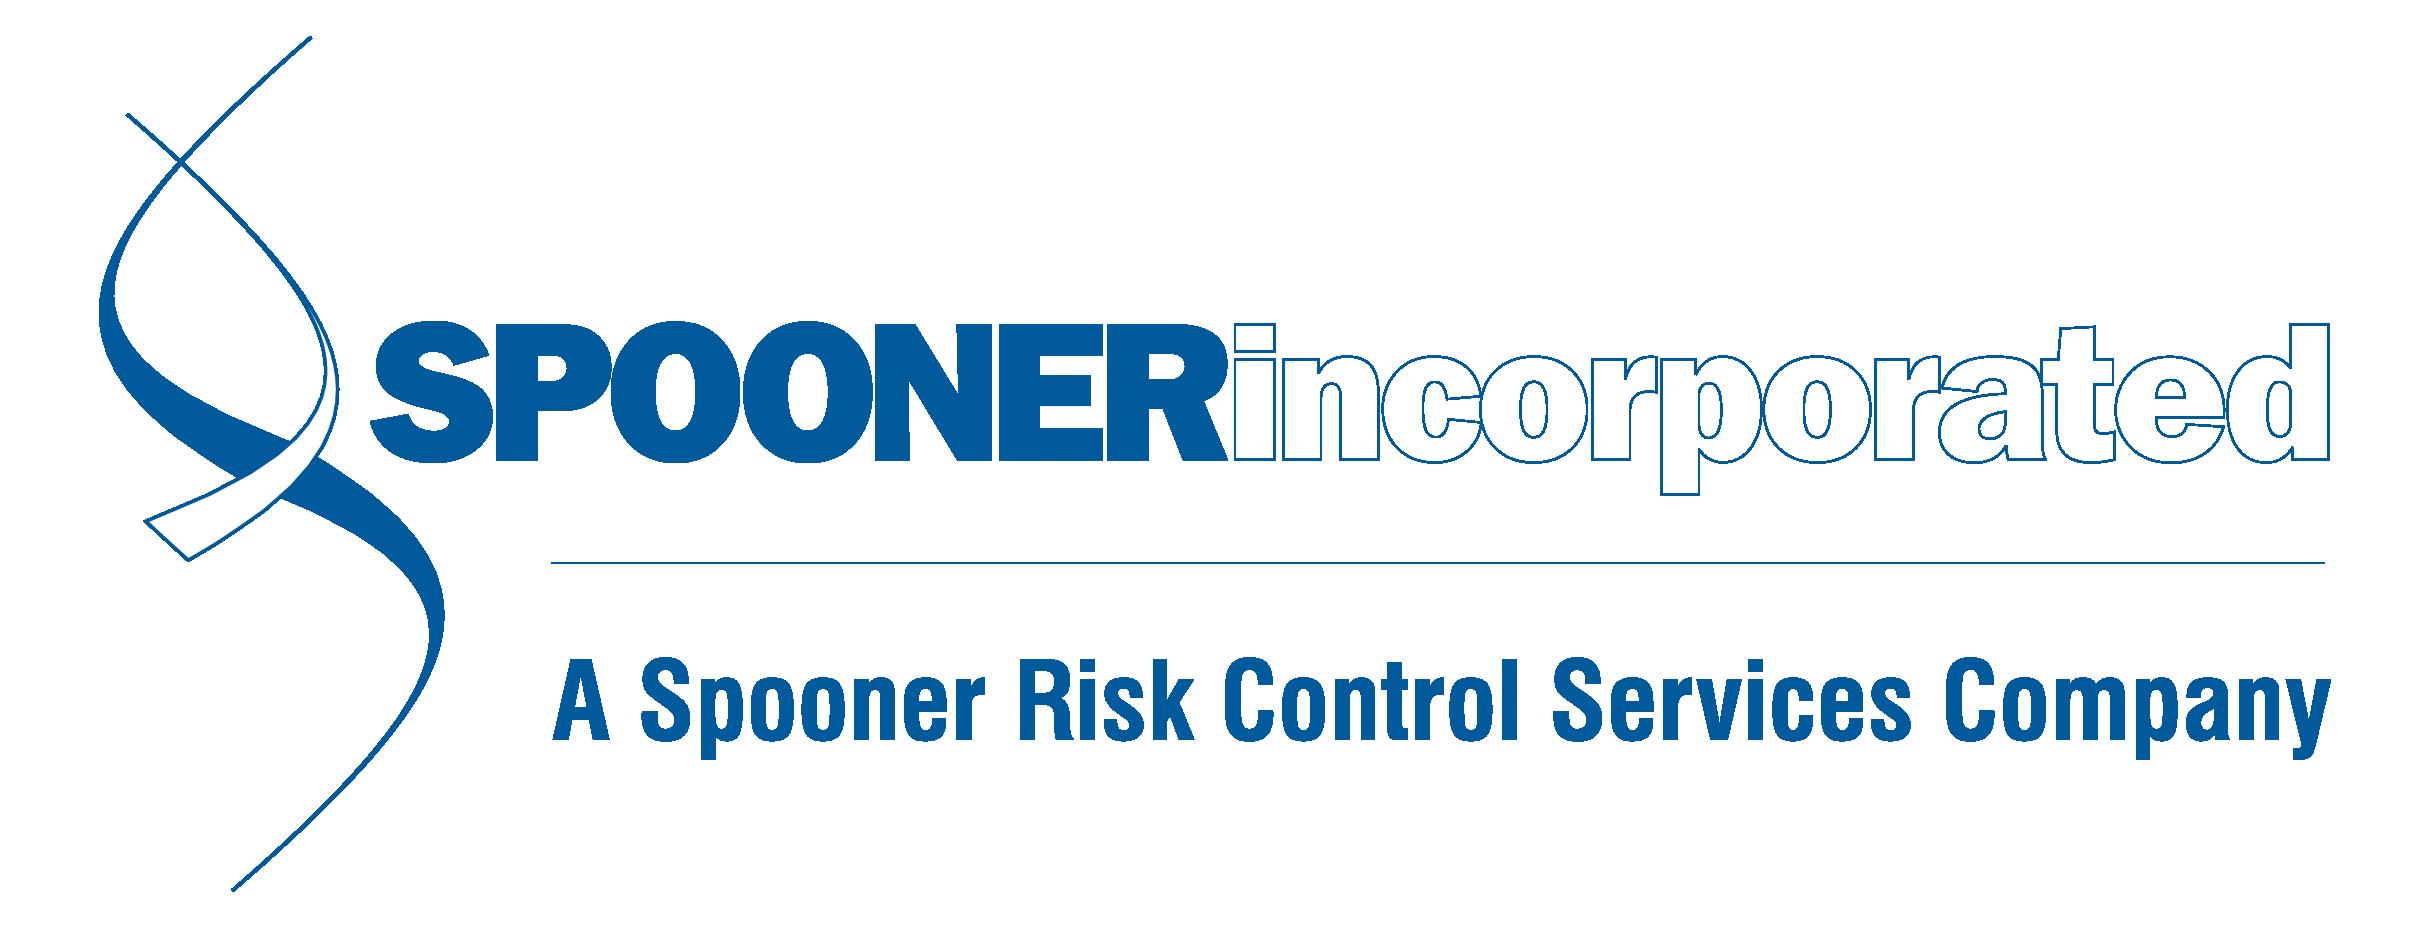 Spooner Inc.